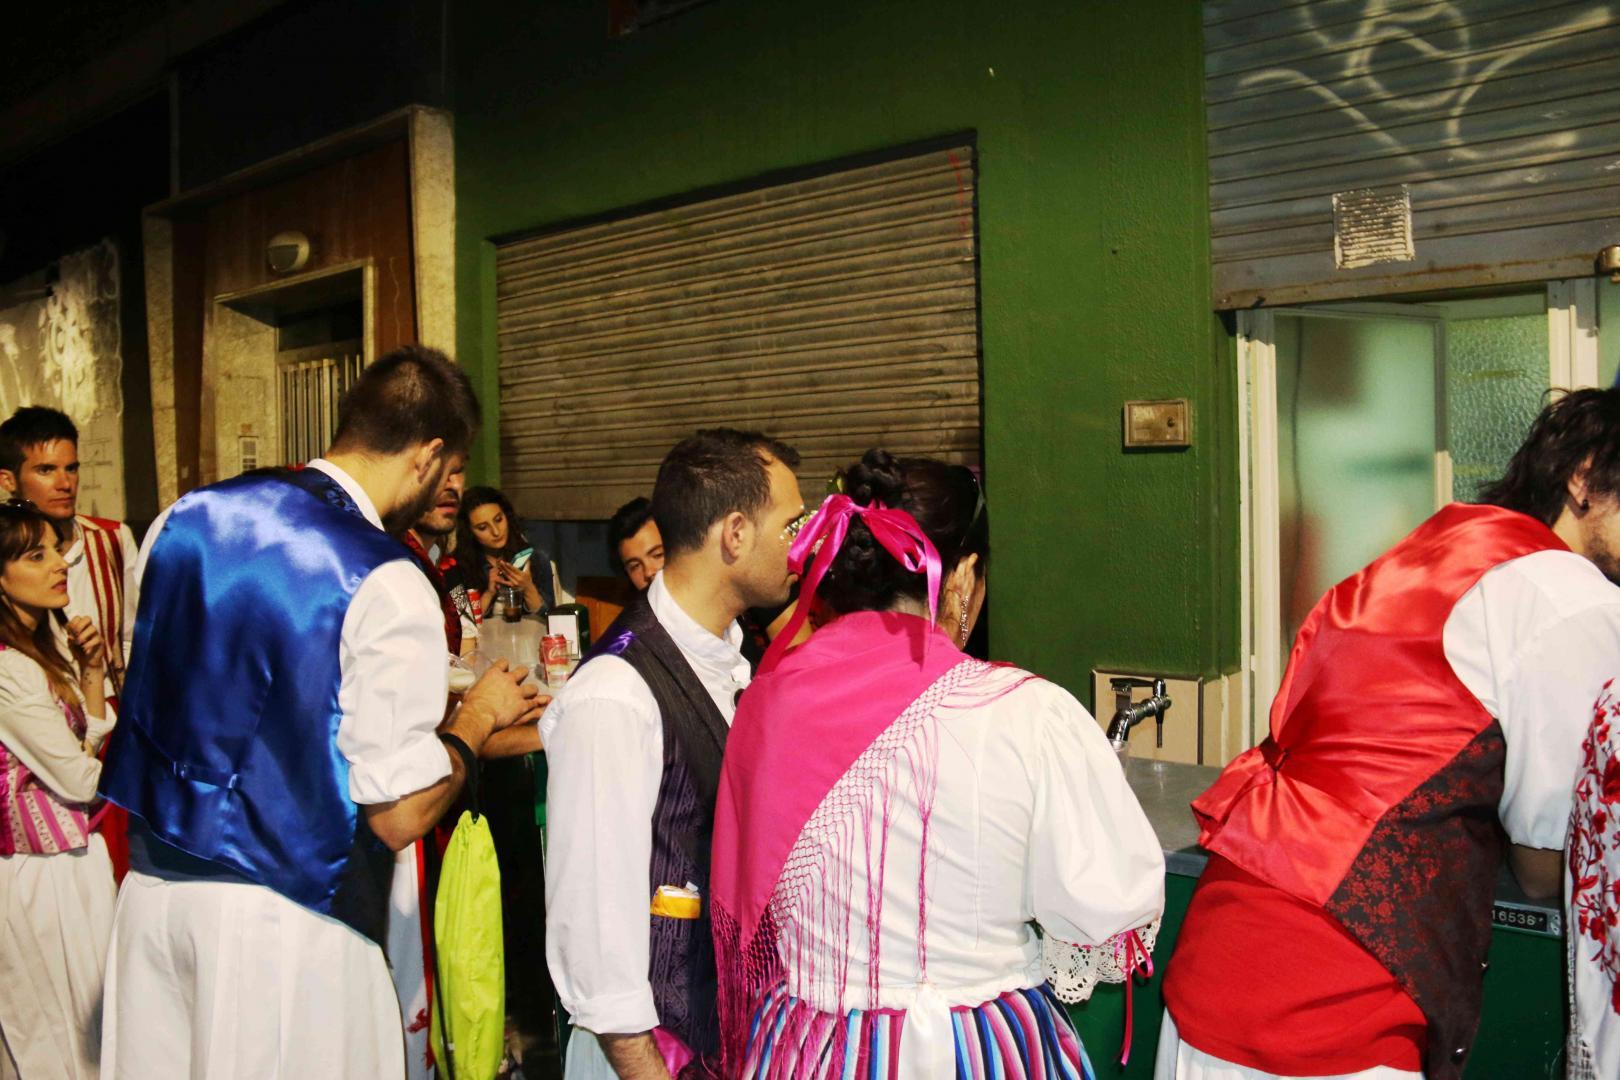 Bando de la Huerta 2016. Callejeando